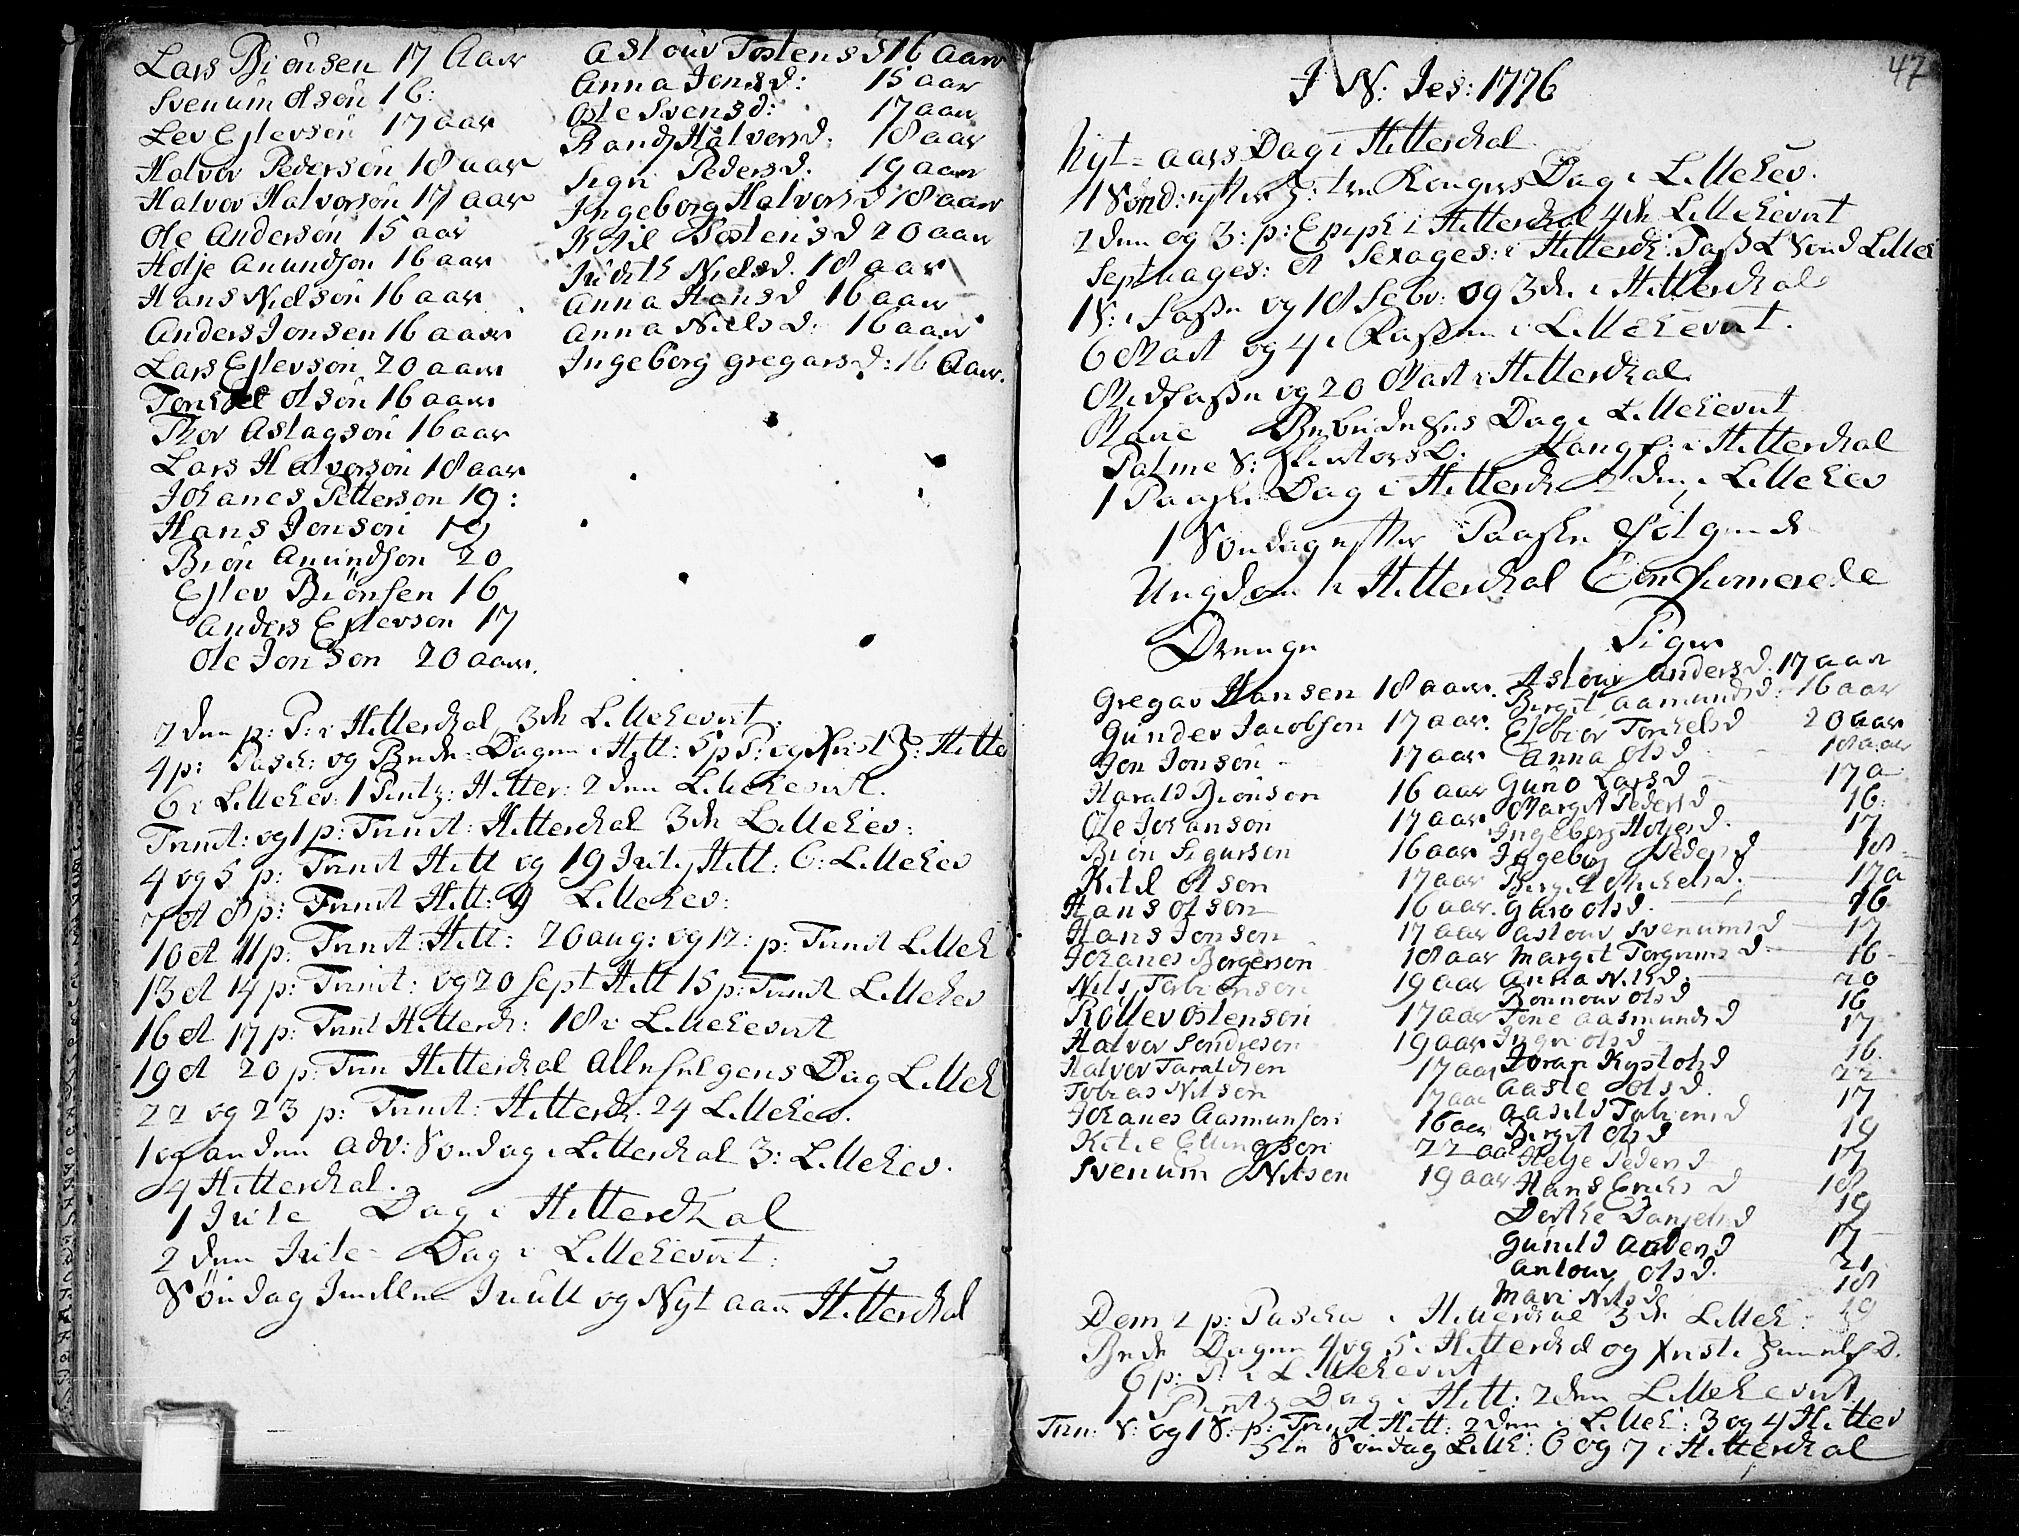 SAKO, Heddal kirkebøker, F/Fa/L0003: Ministerialbok nr. I 3, 1723-1783, s. 47